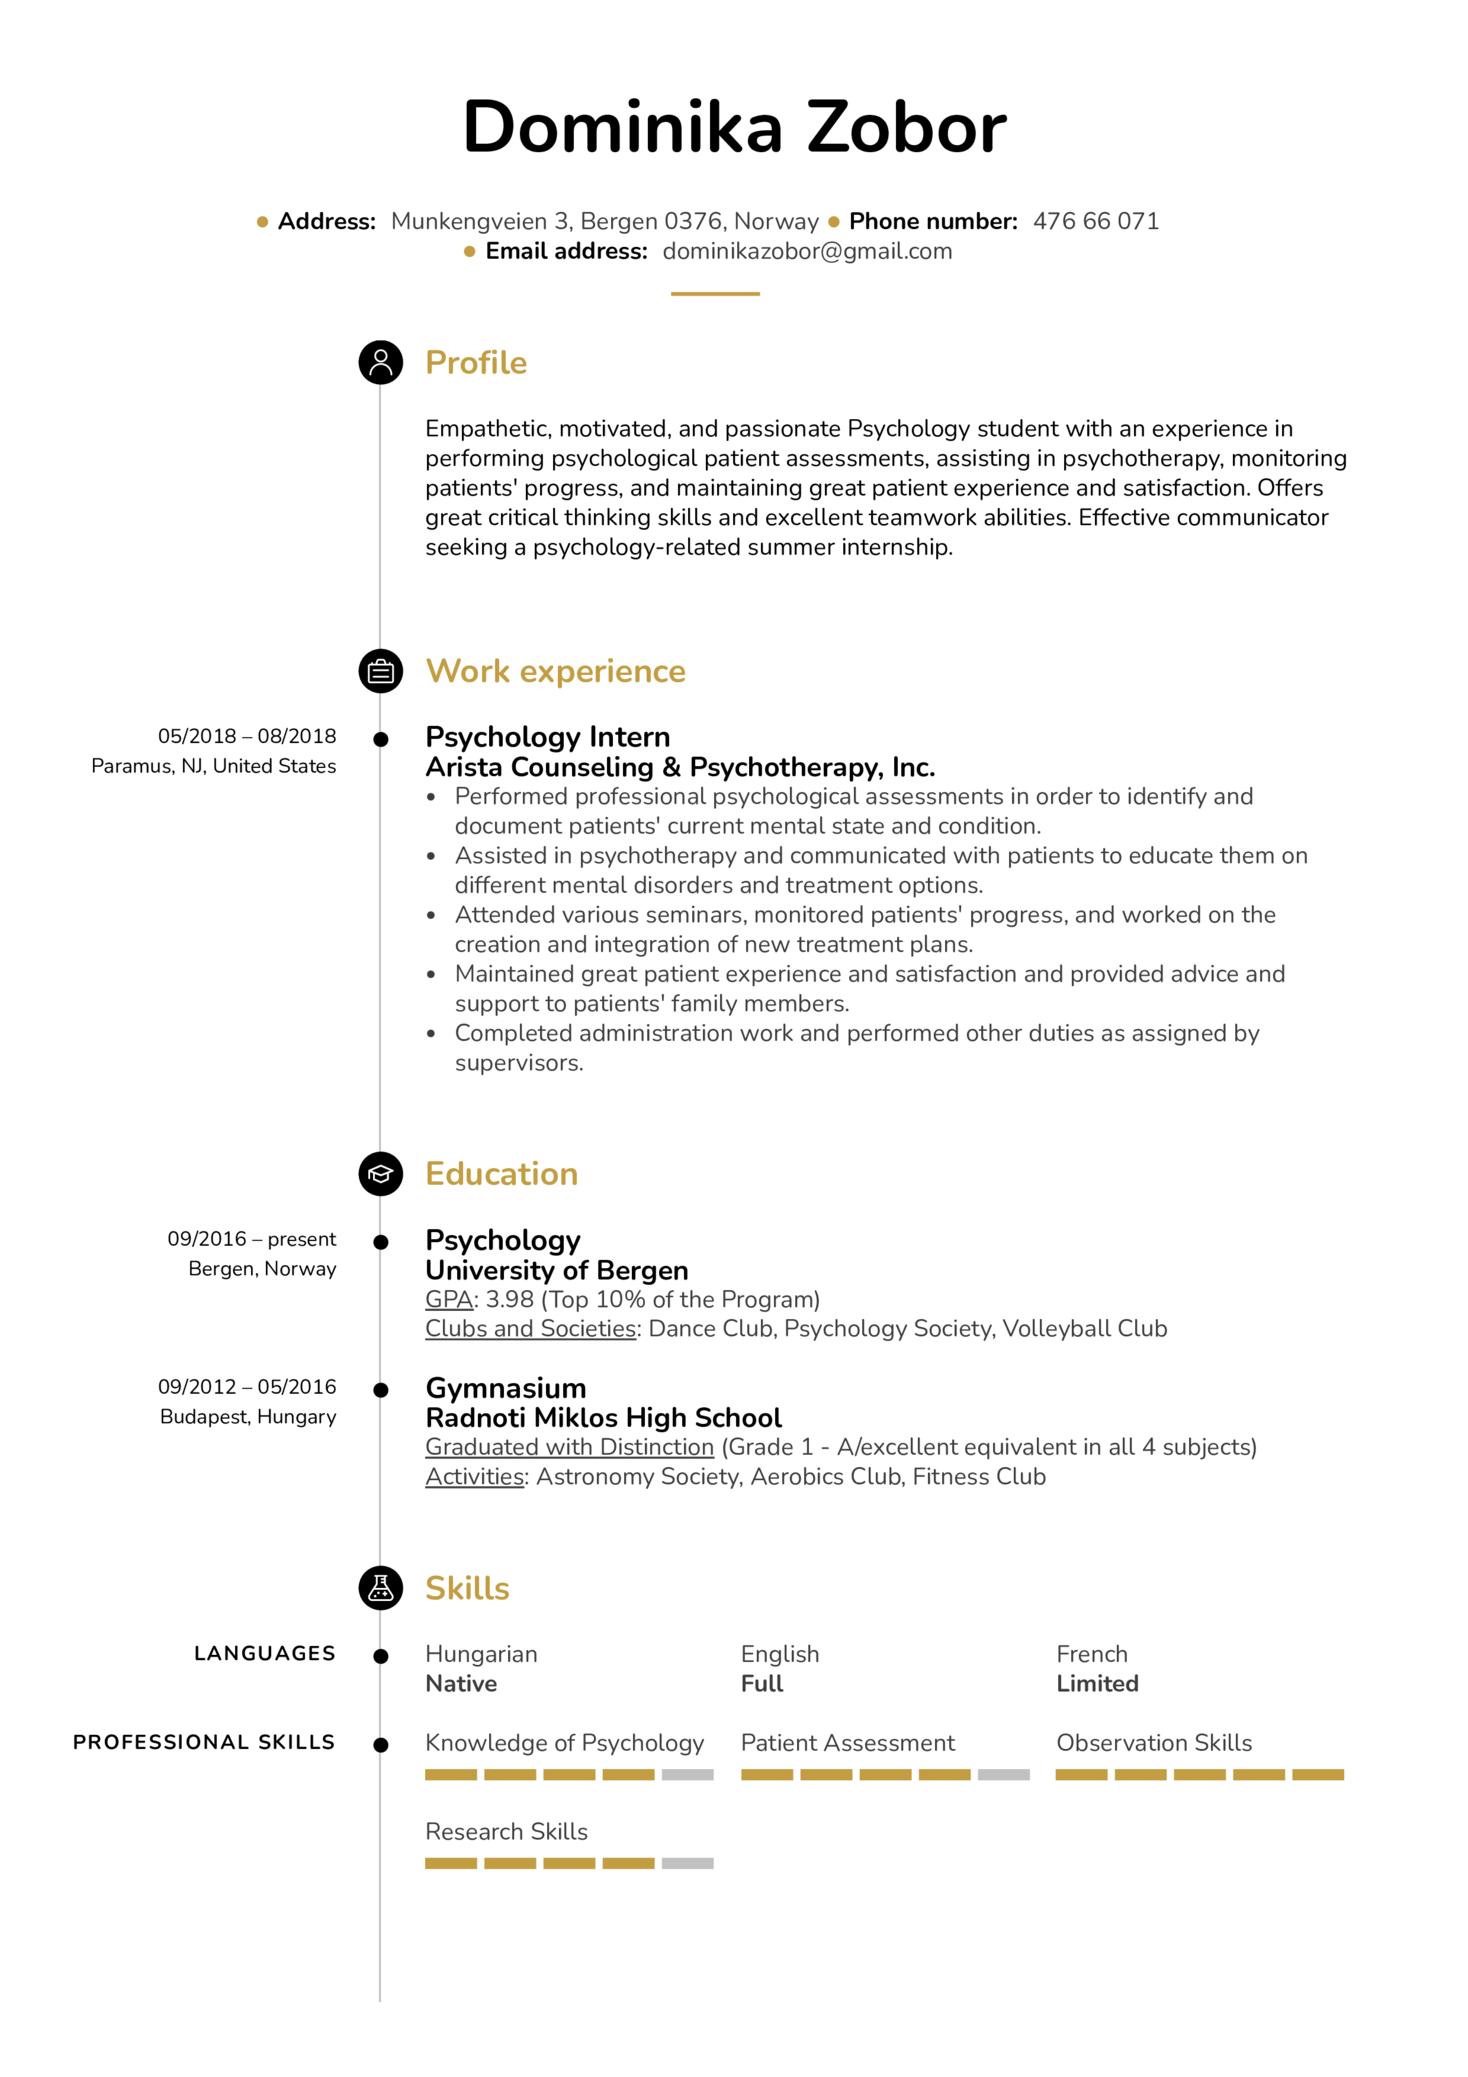 Psychology Intern Resume Sample (časť 1)